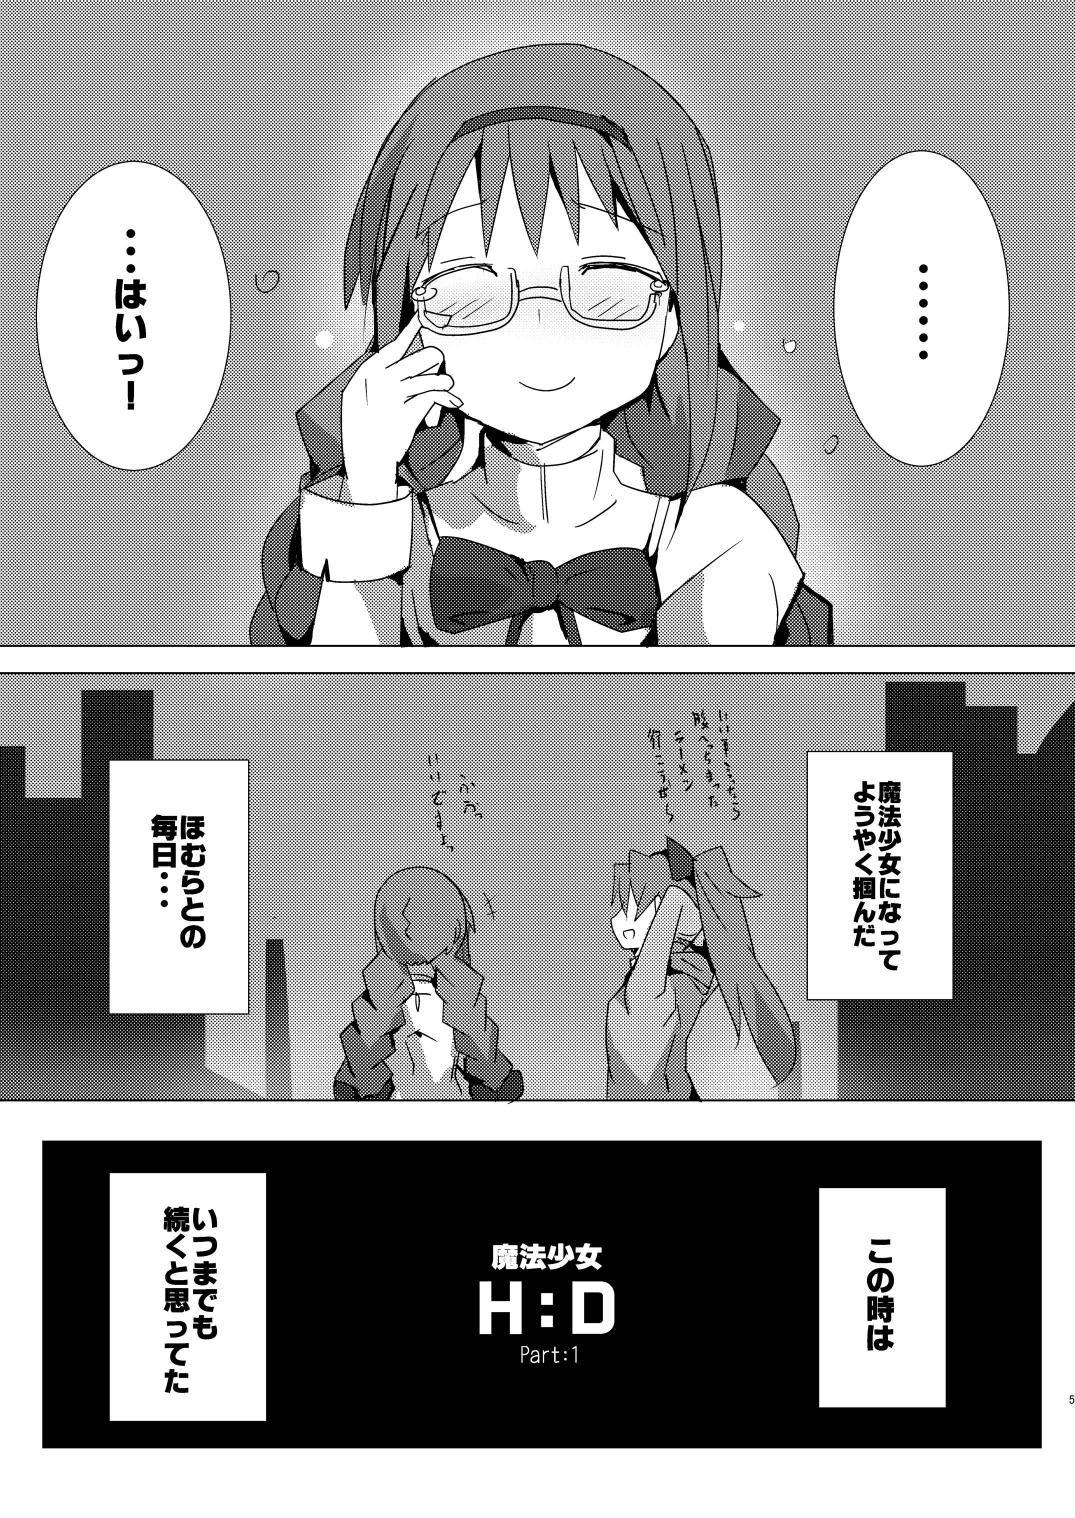 Mahou Shoujo HD Part 1 HomuAn Shiiku Hen 4